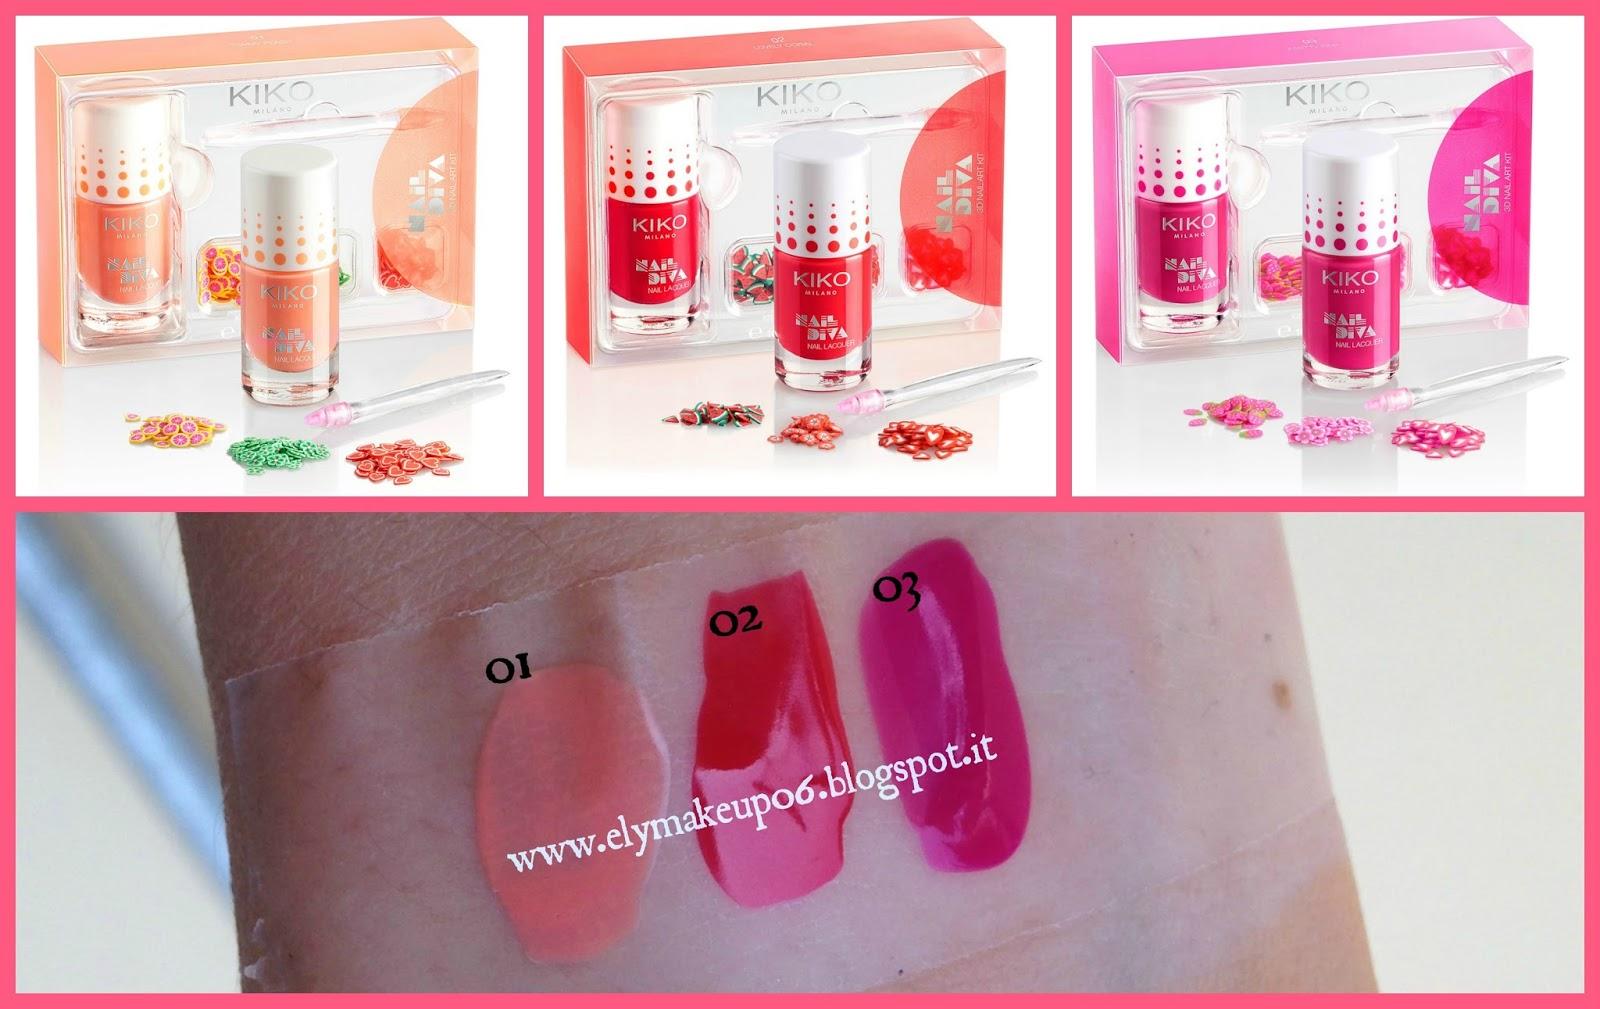 Elymakeup swatch collezione miami beach babe kiko - Diva nails prodotti ...